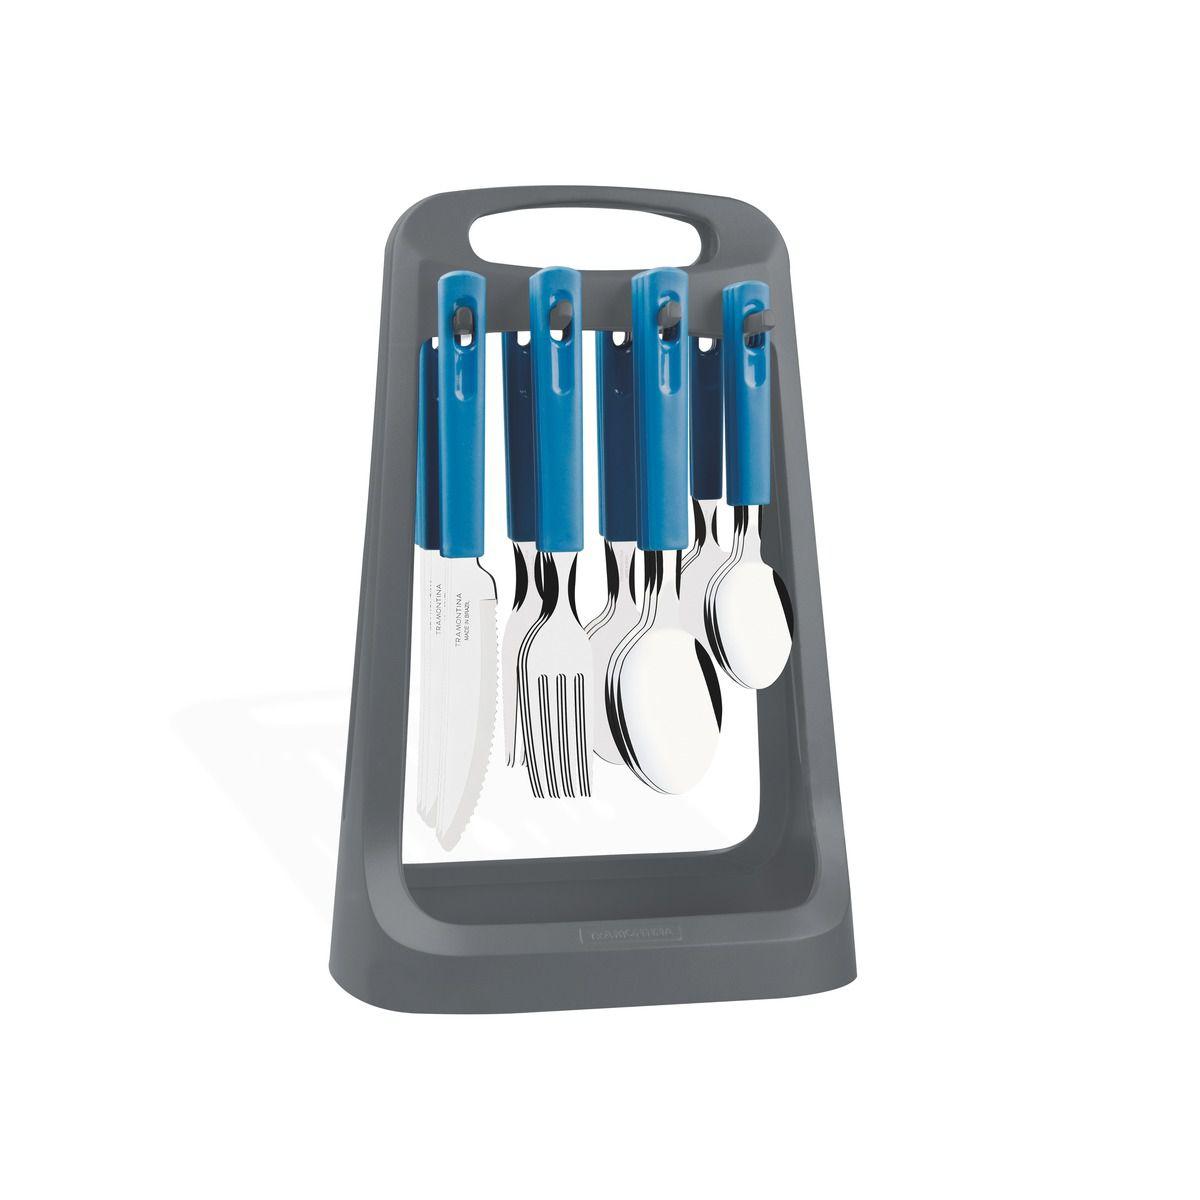 Faqueiro Tramontina Azul em Aço Inox e Cabo Polipropileno com Facas para Churrasco 24 Peças com Suporte 23198/120 | Lojas Estrela